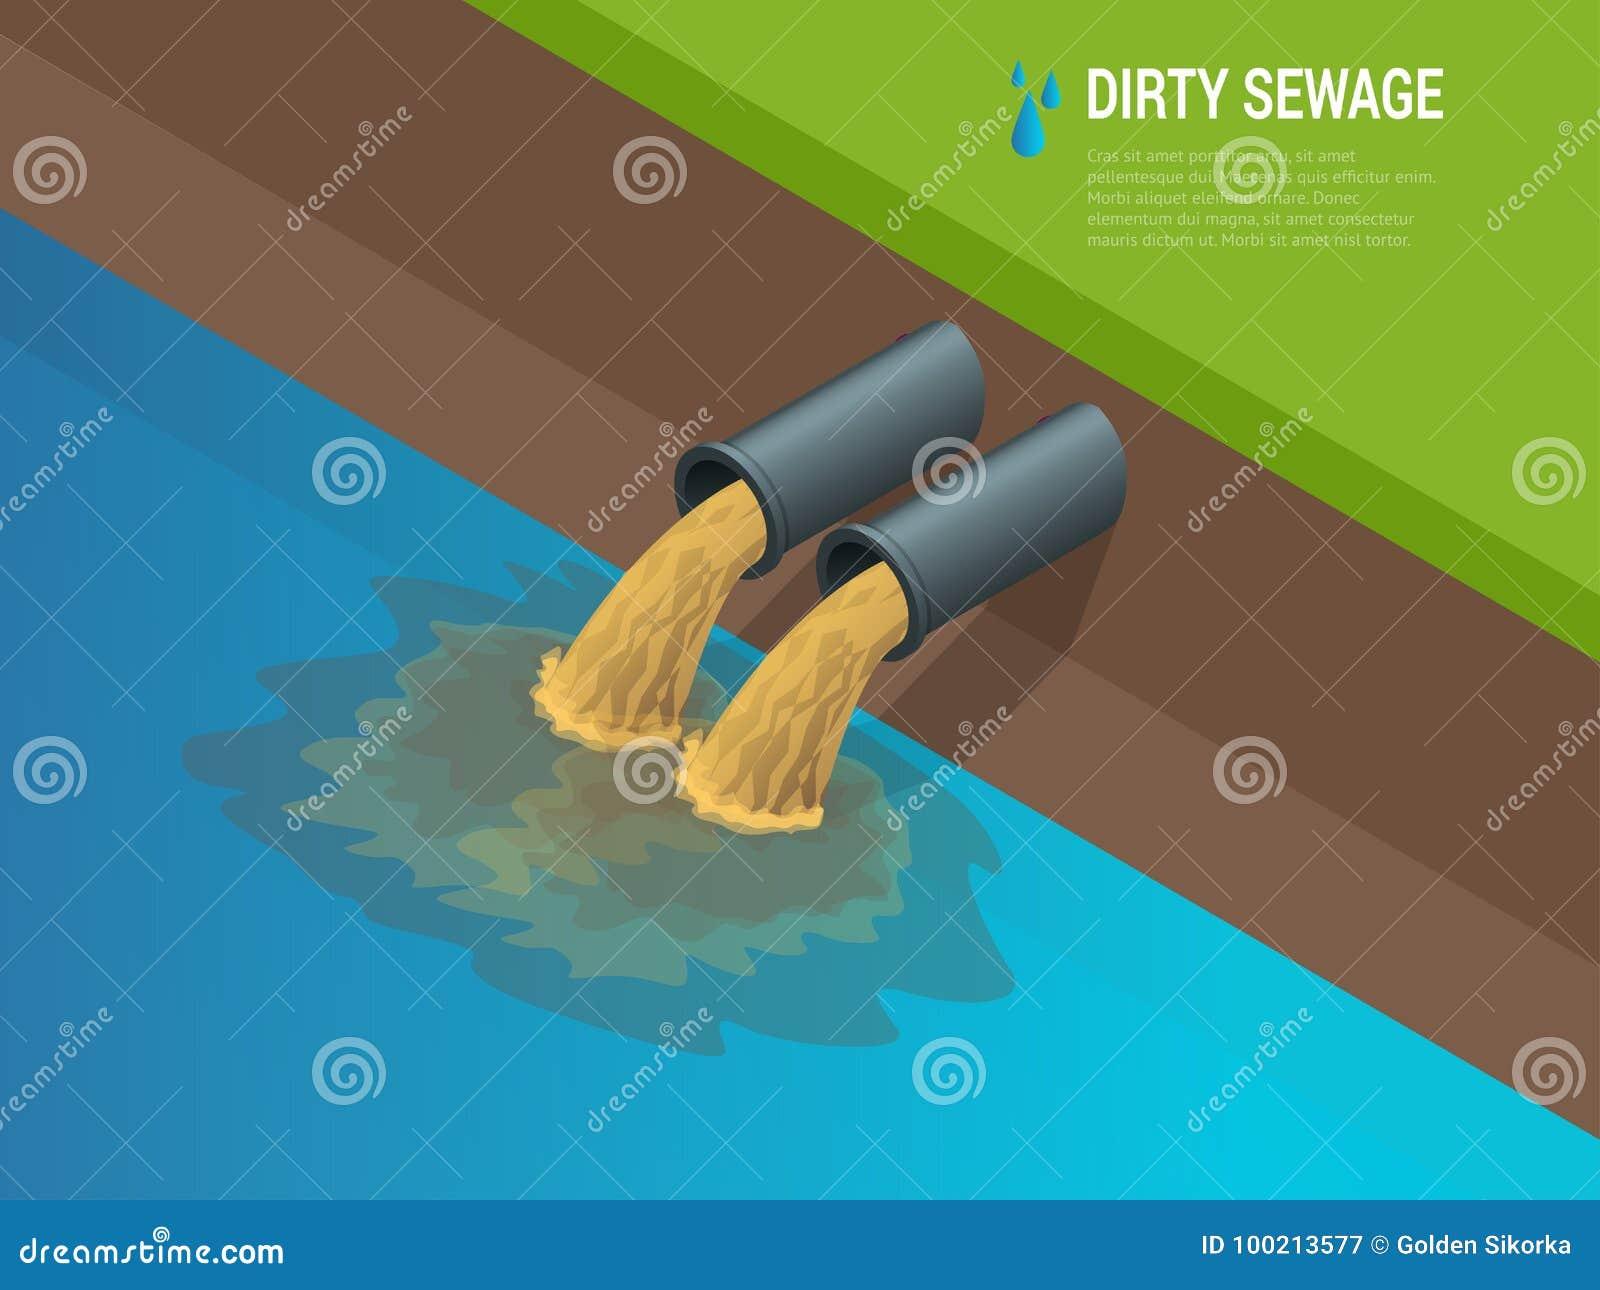 肮脏的水源于污染河尽职液体化学制品废物的管子